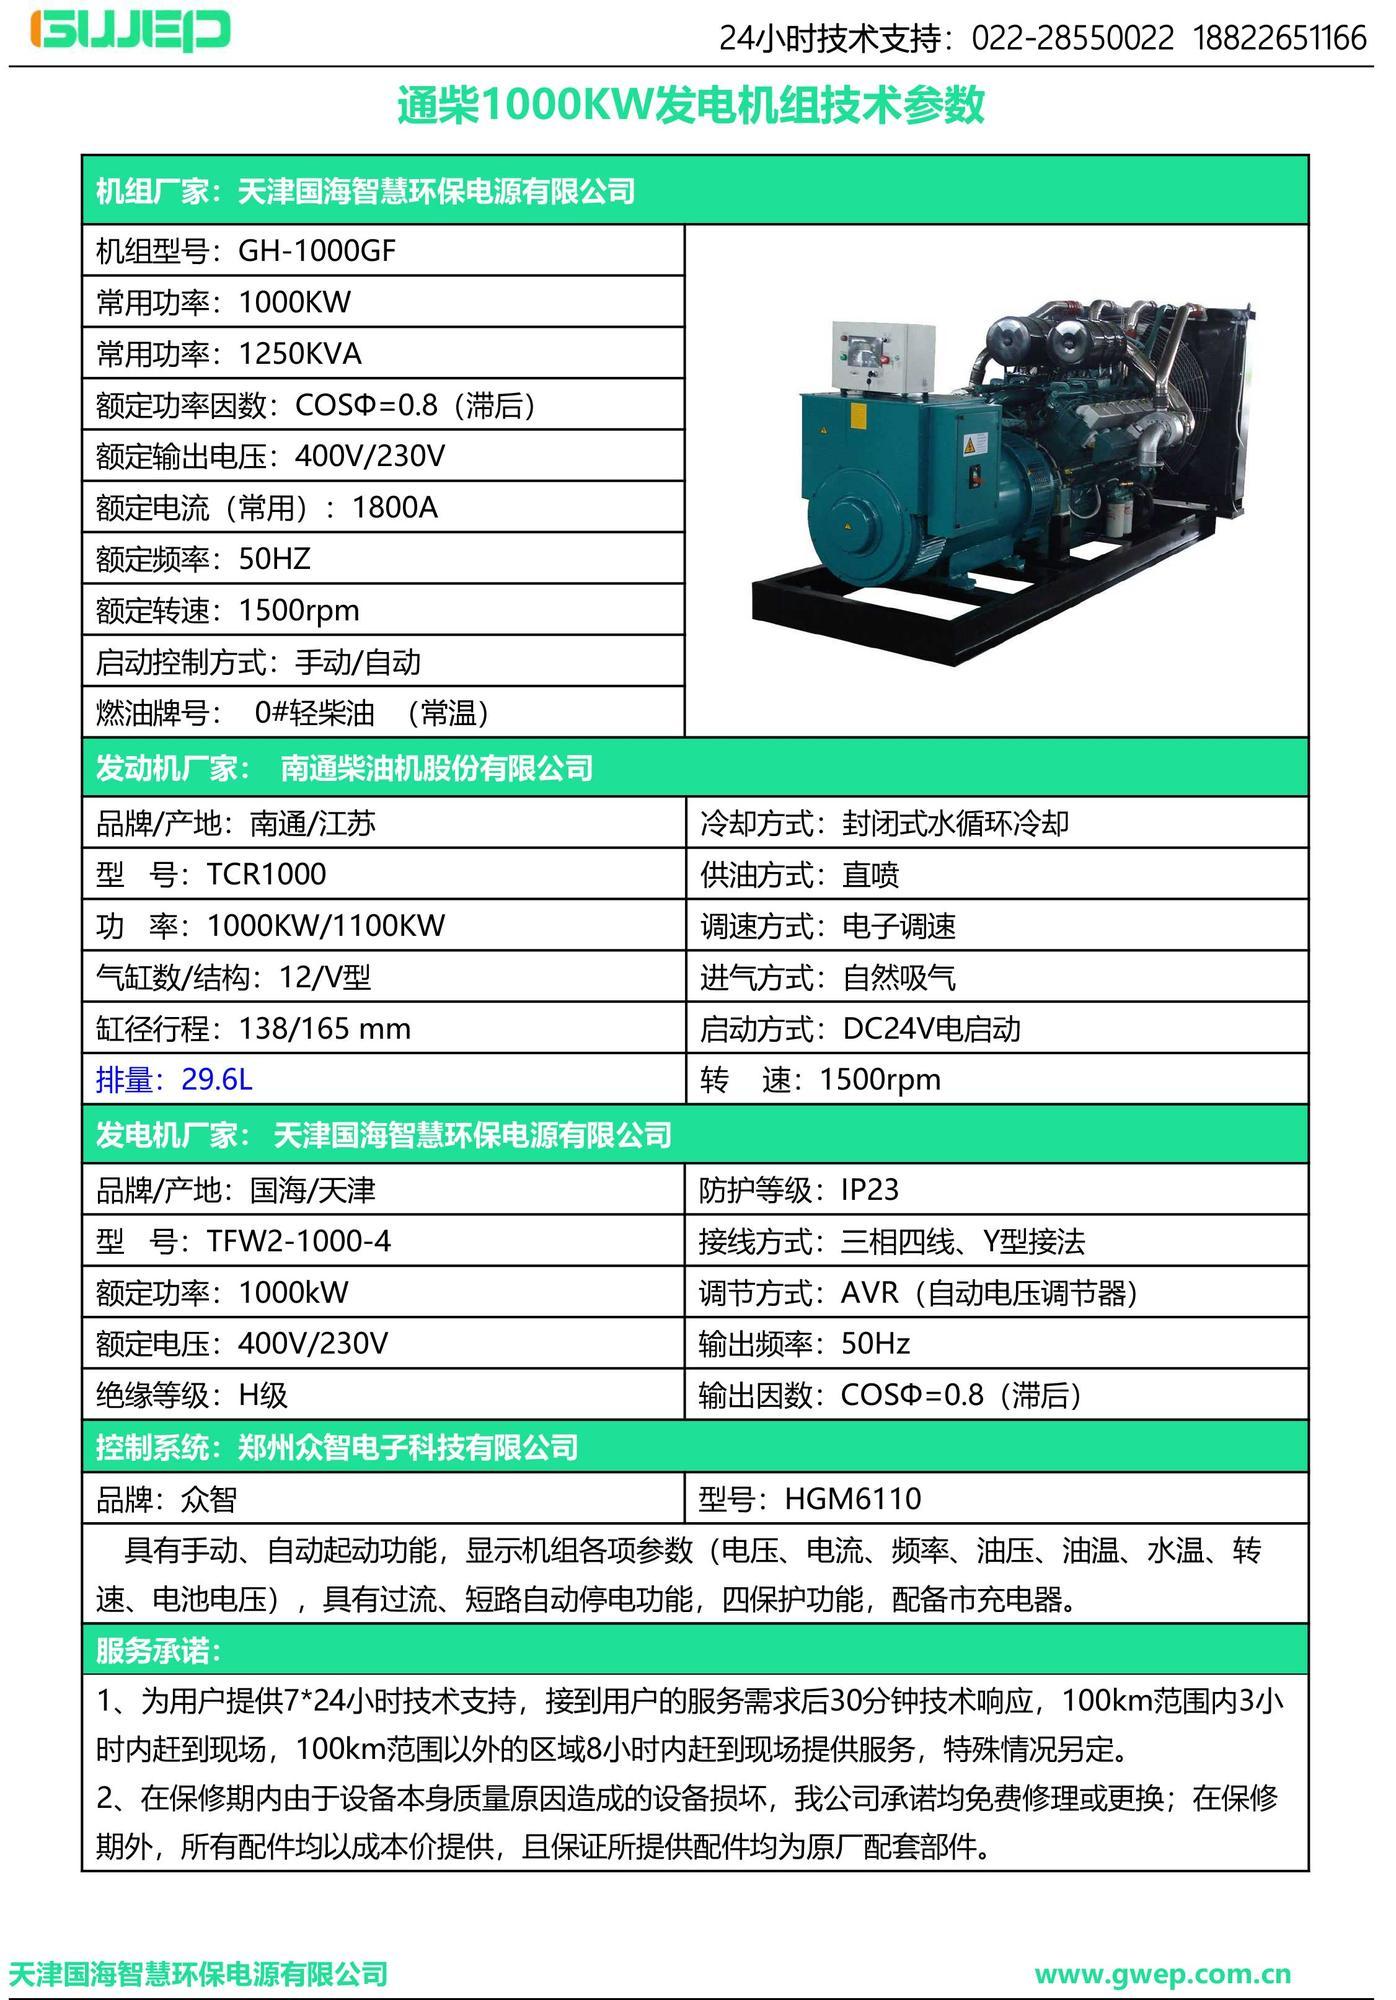 通柴1000KW发电机组技术资料-2.jpg